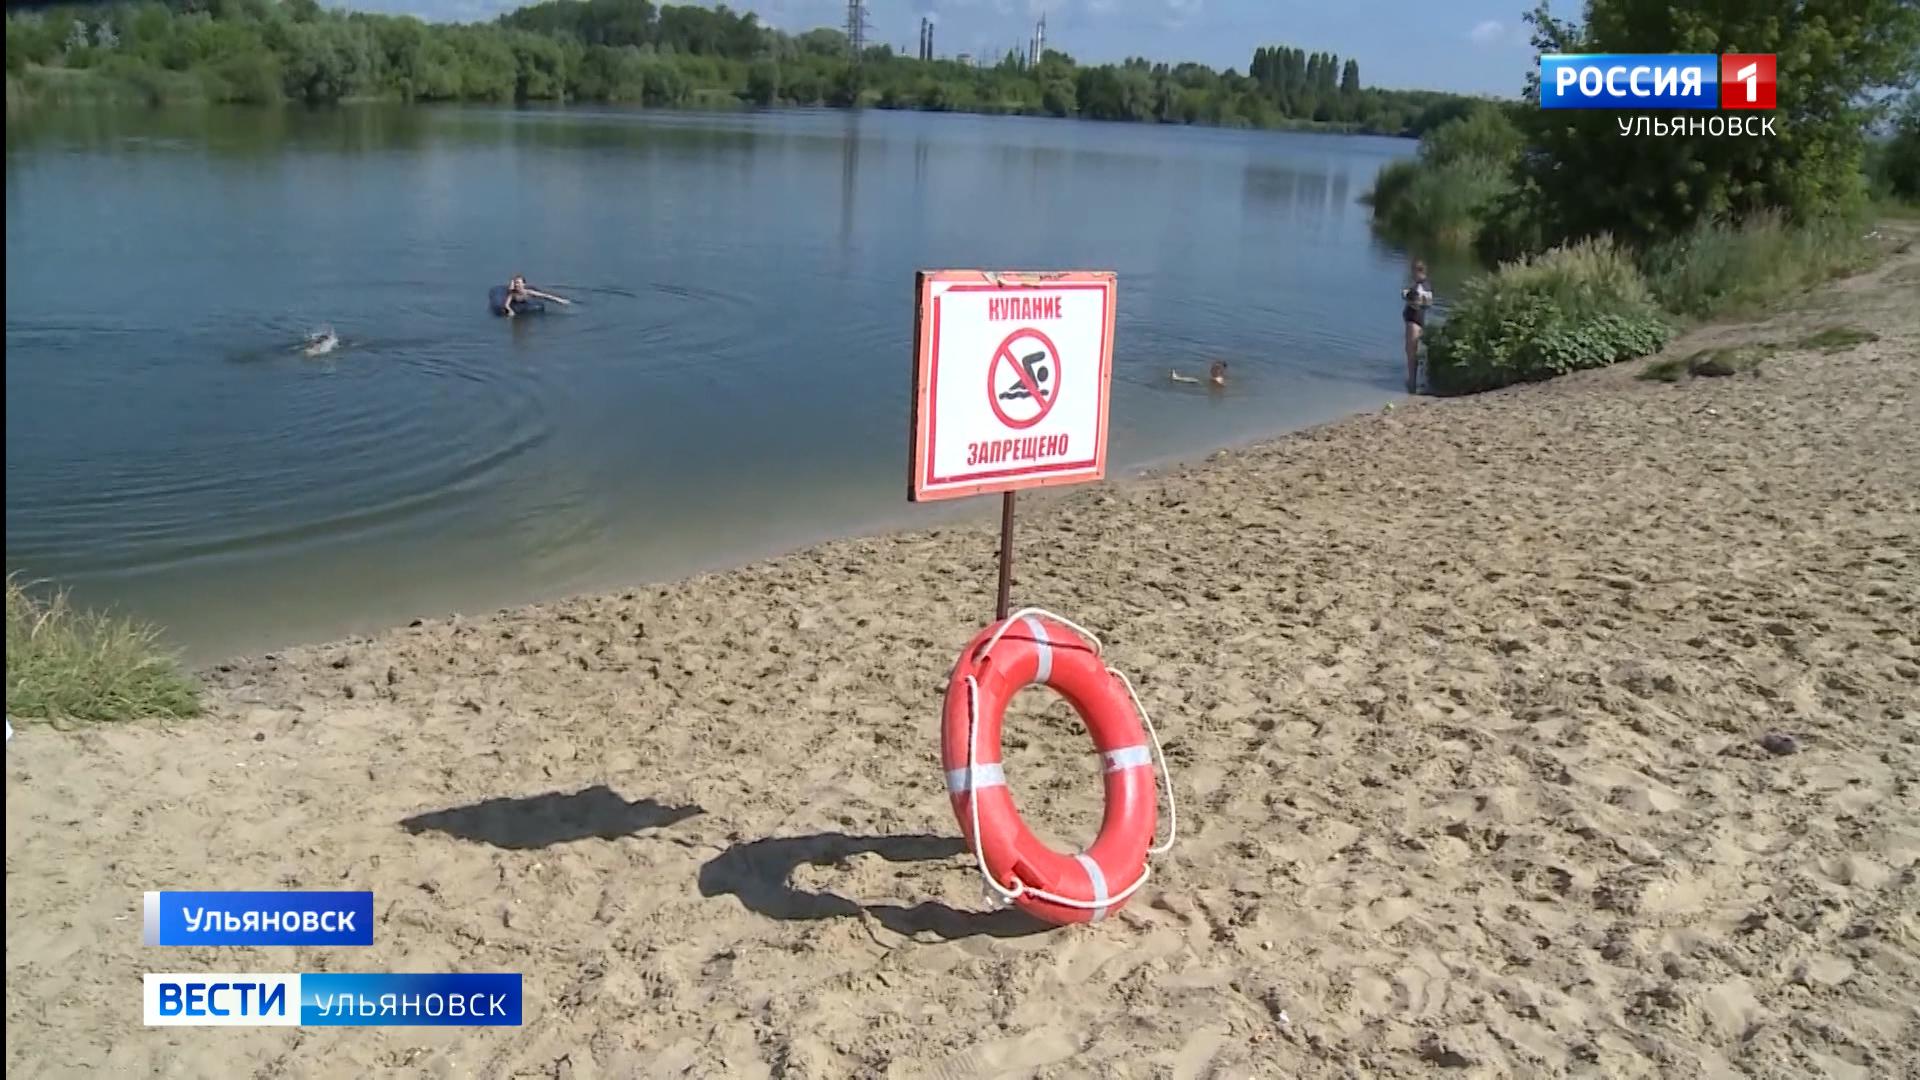 Появится штраф за купание в запрещенном месте